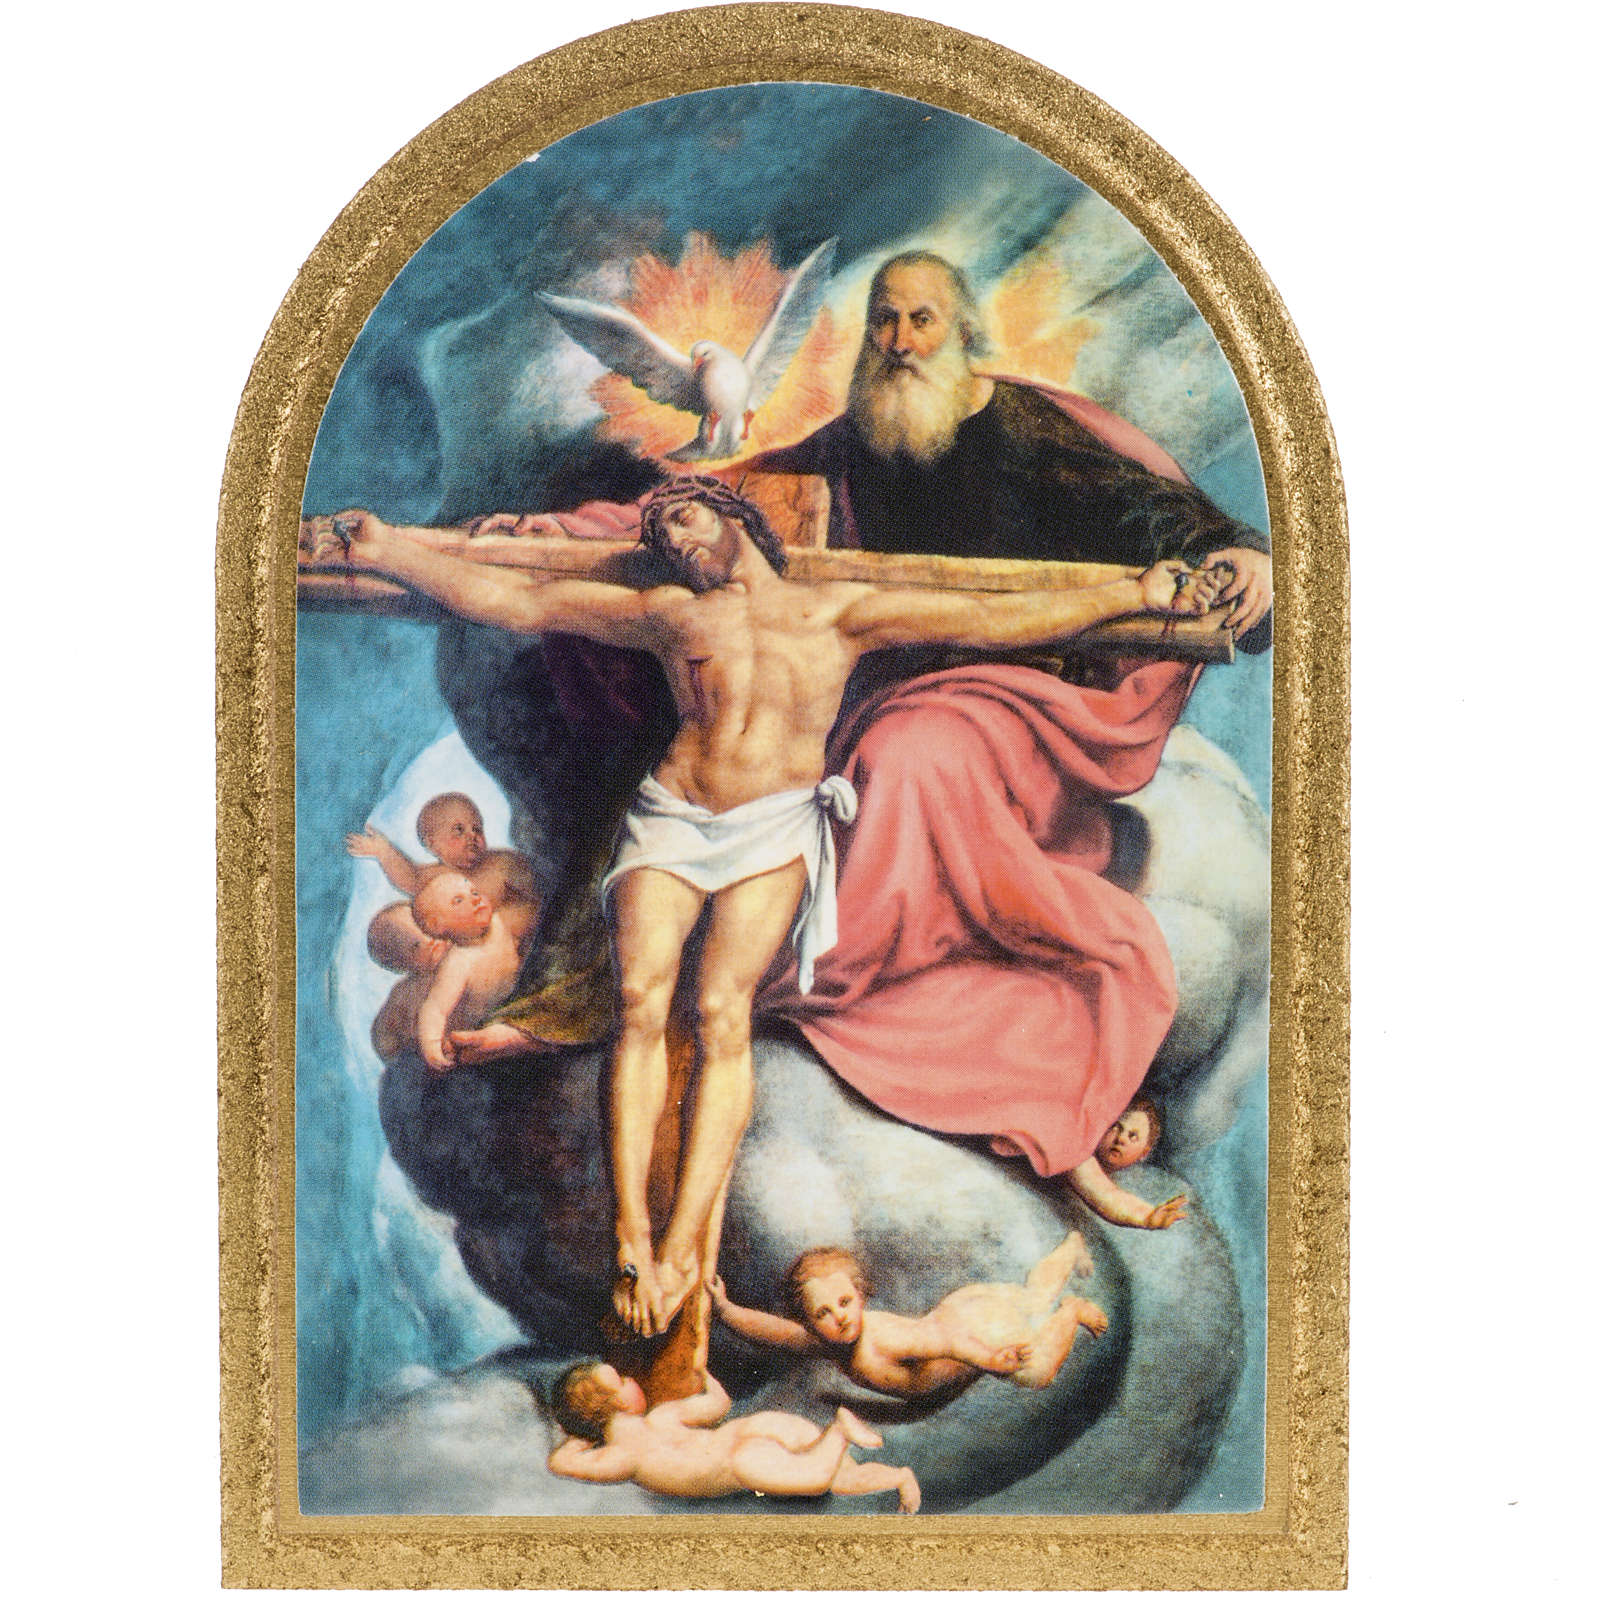 Druckbild auf Holz Allerheiligste Trinität De Sacchis 15x11 cm 3